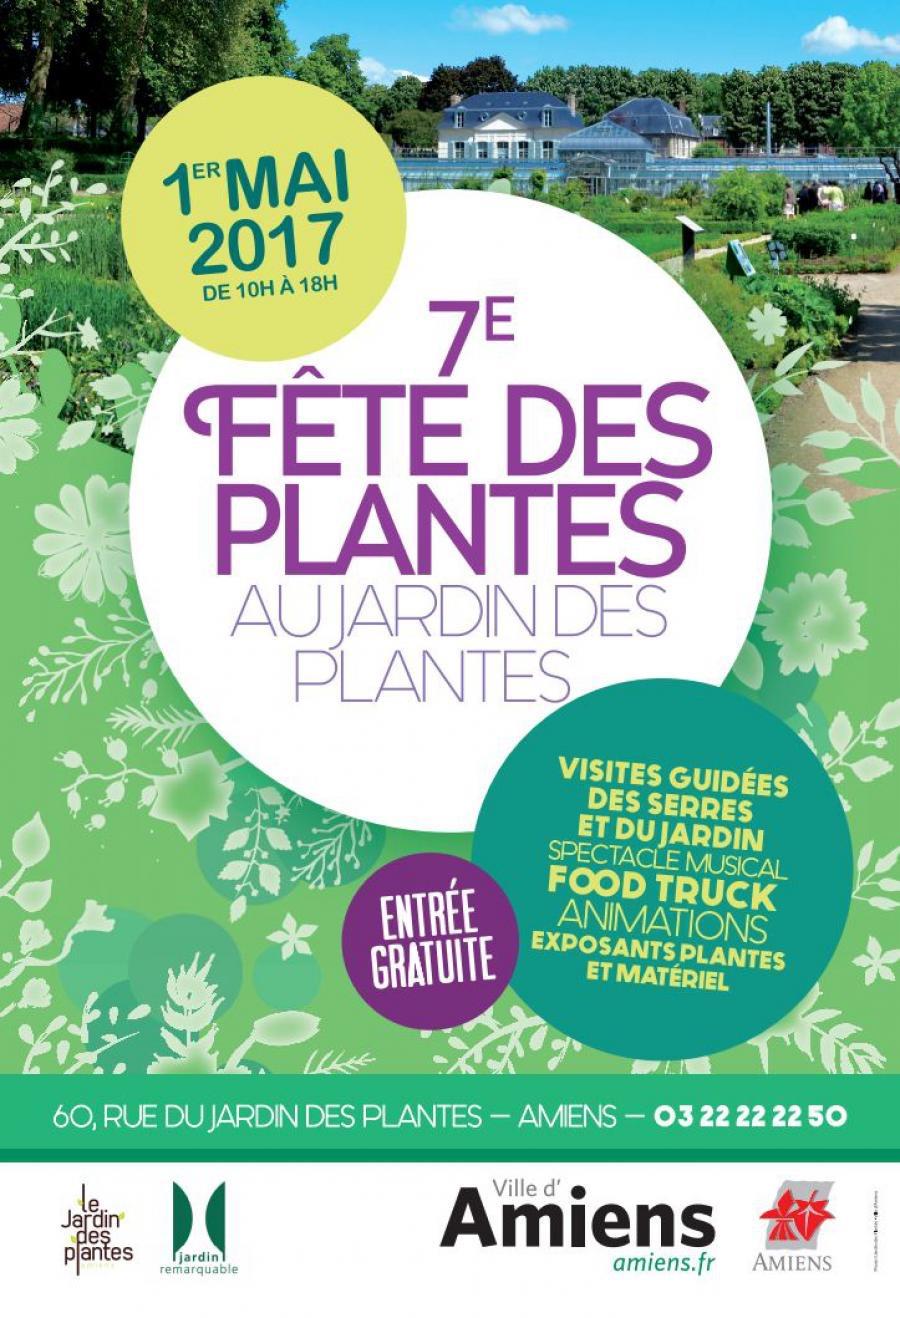 Fête des Plantes au Jardin des plantes - AMIENS